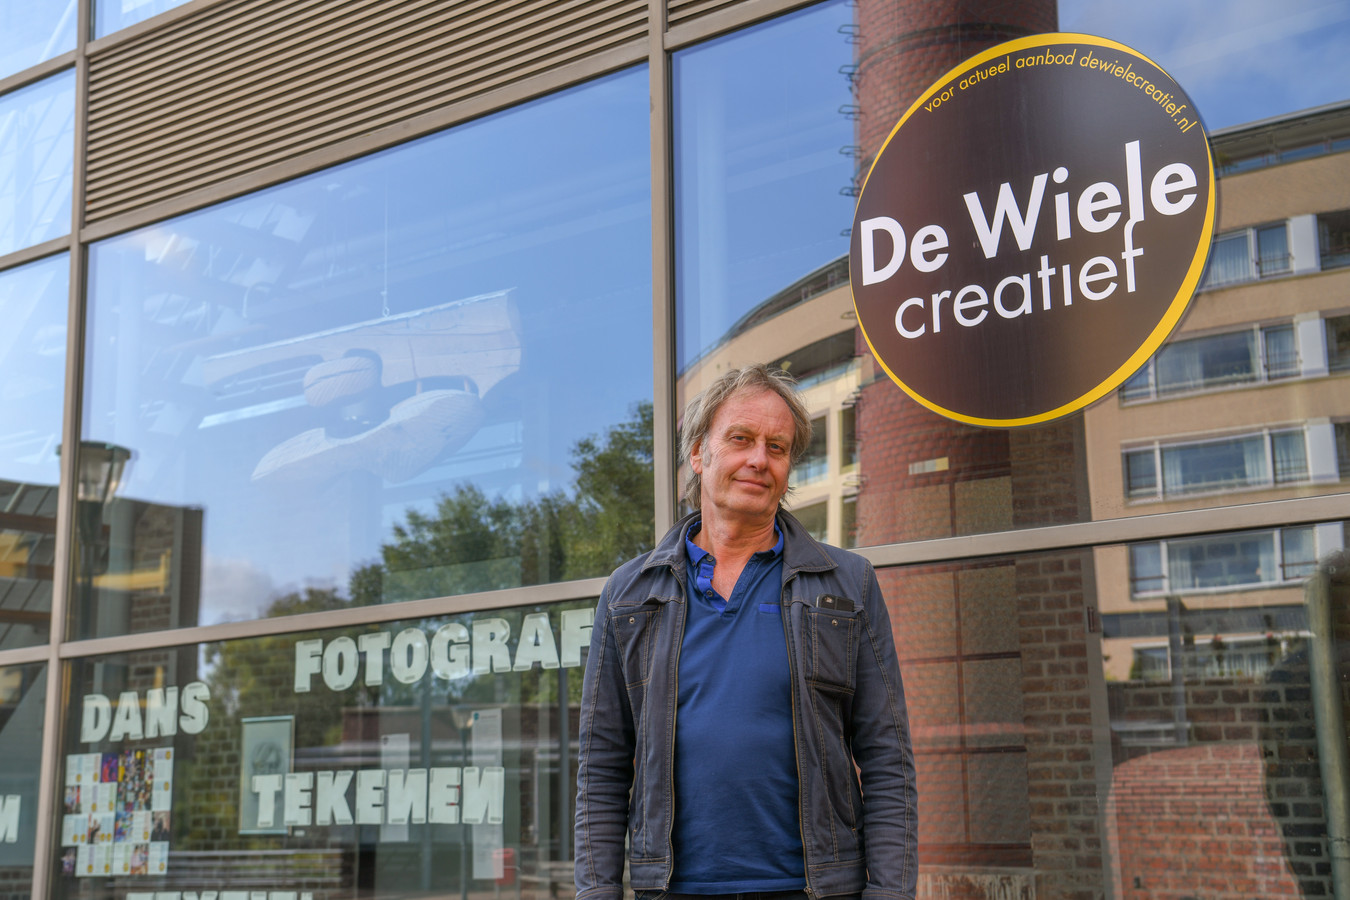 Kunstdocent Jan Wils voor creatief centrum De Wiele in Geldrop.